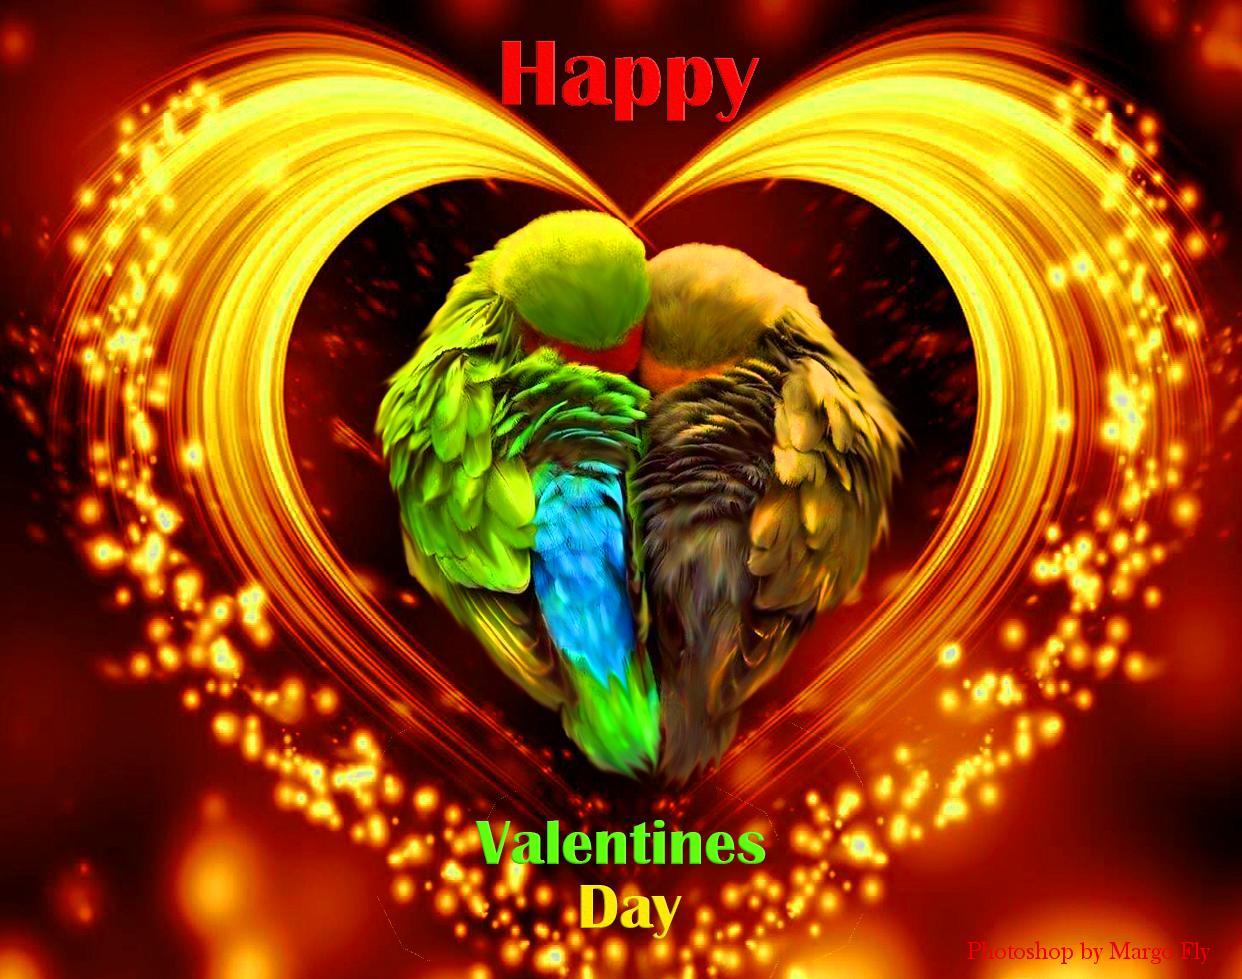 Фото Открытка ко Дню Святого Валентина. Фотошоп Margo Fly